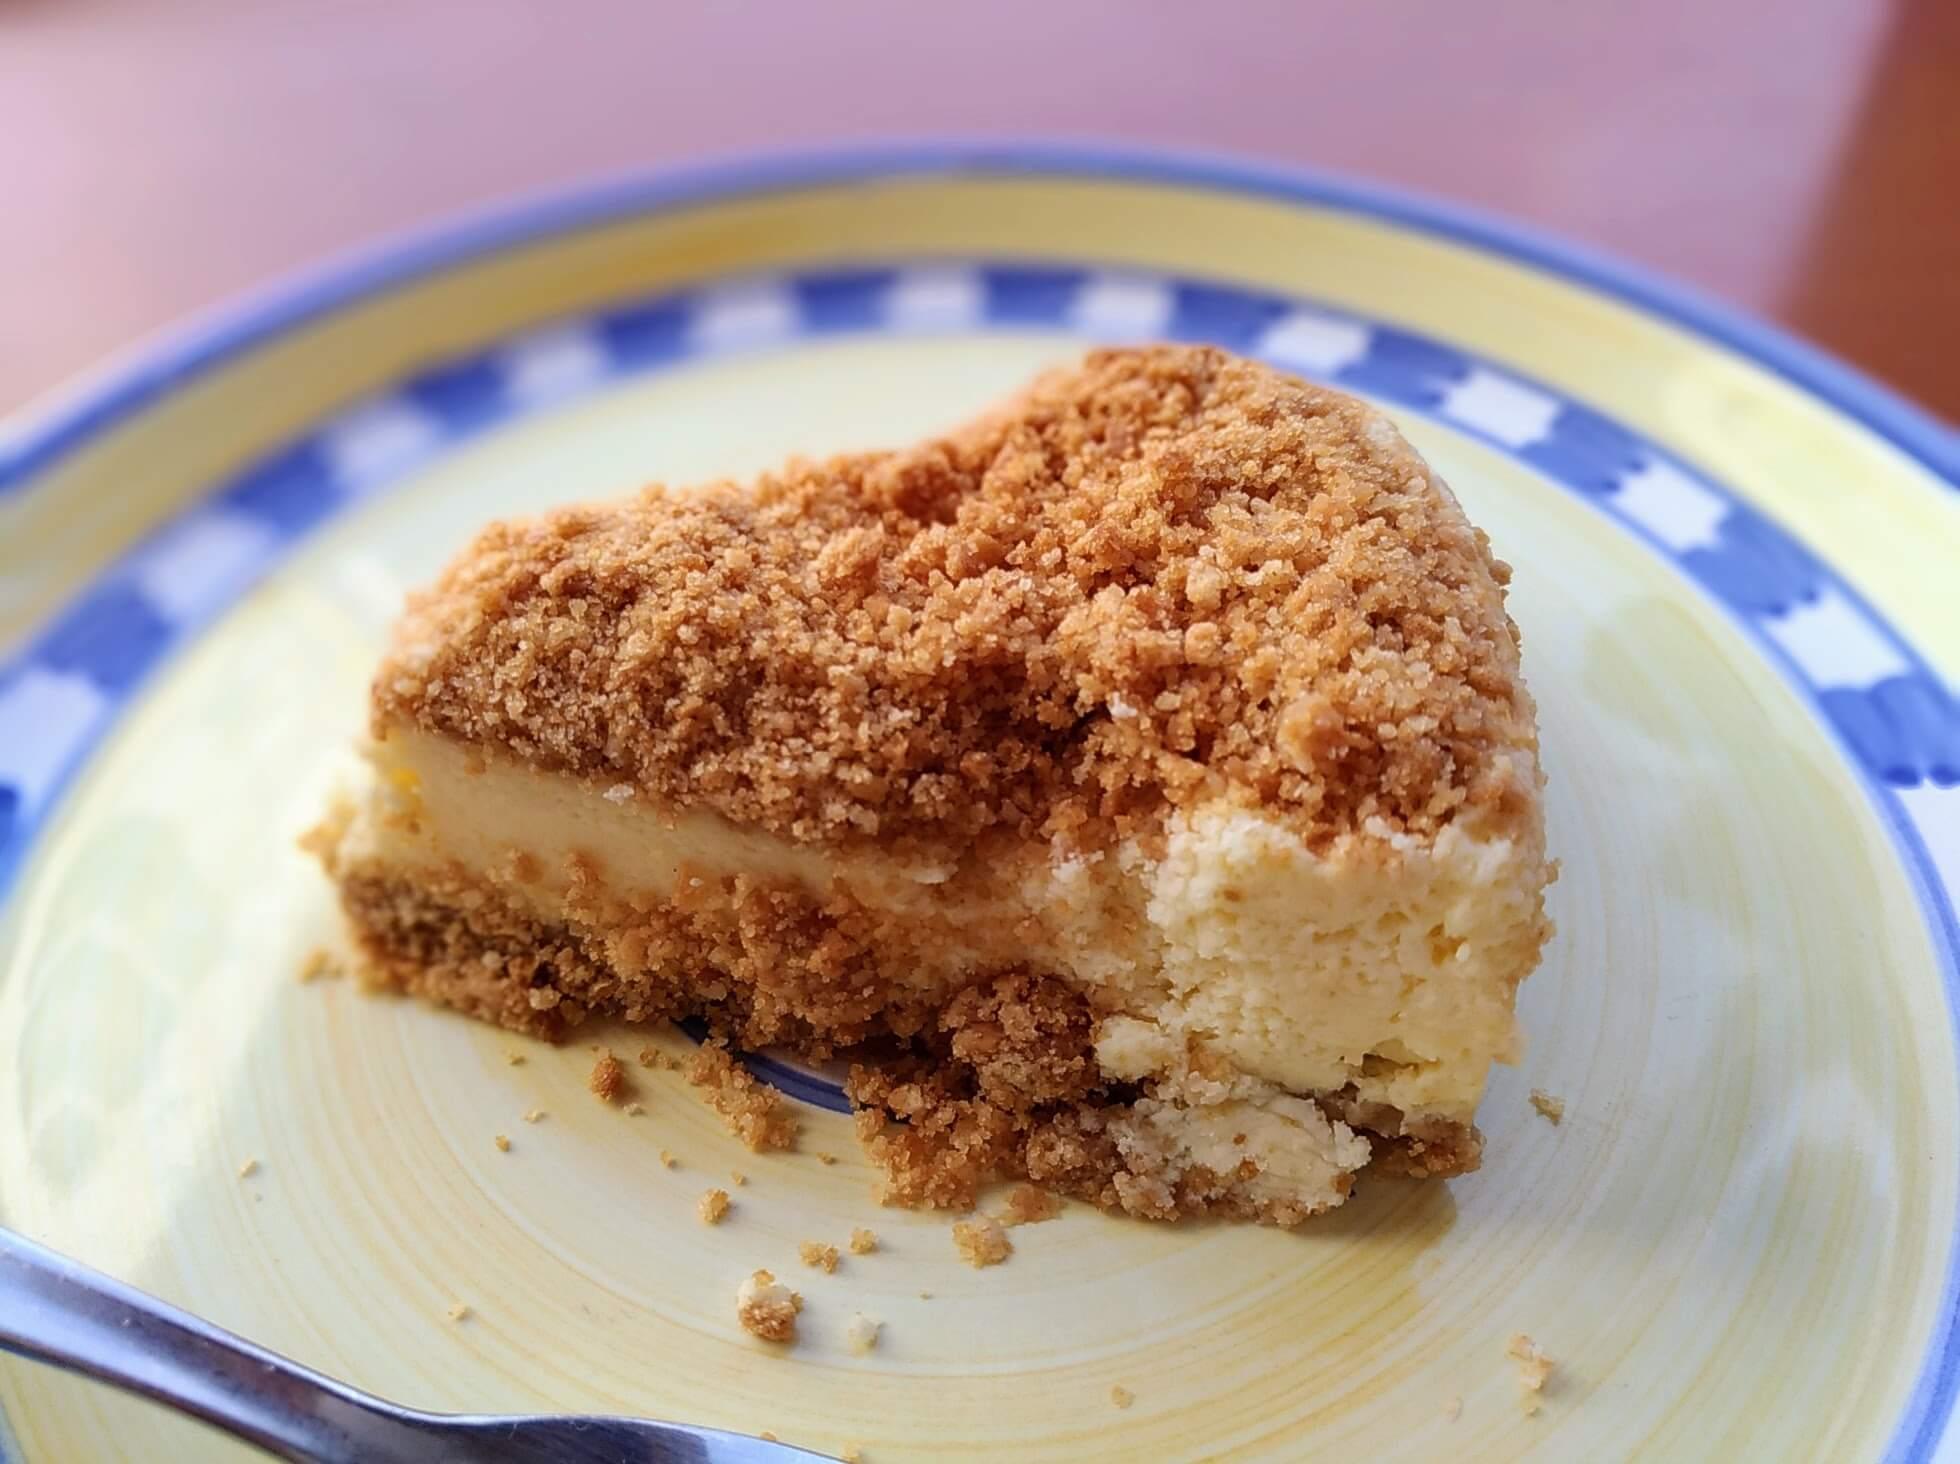 マイアミガーデン ベイクドチーズケーキ (7)